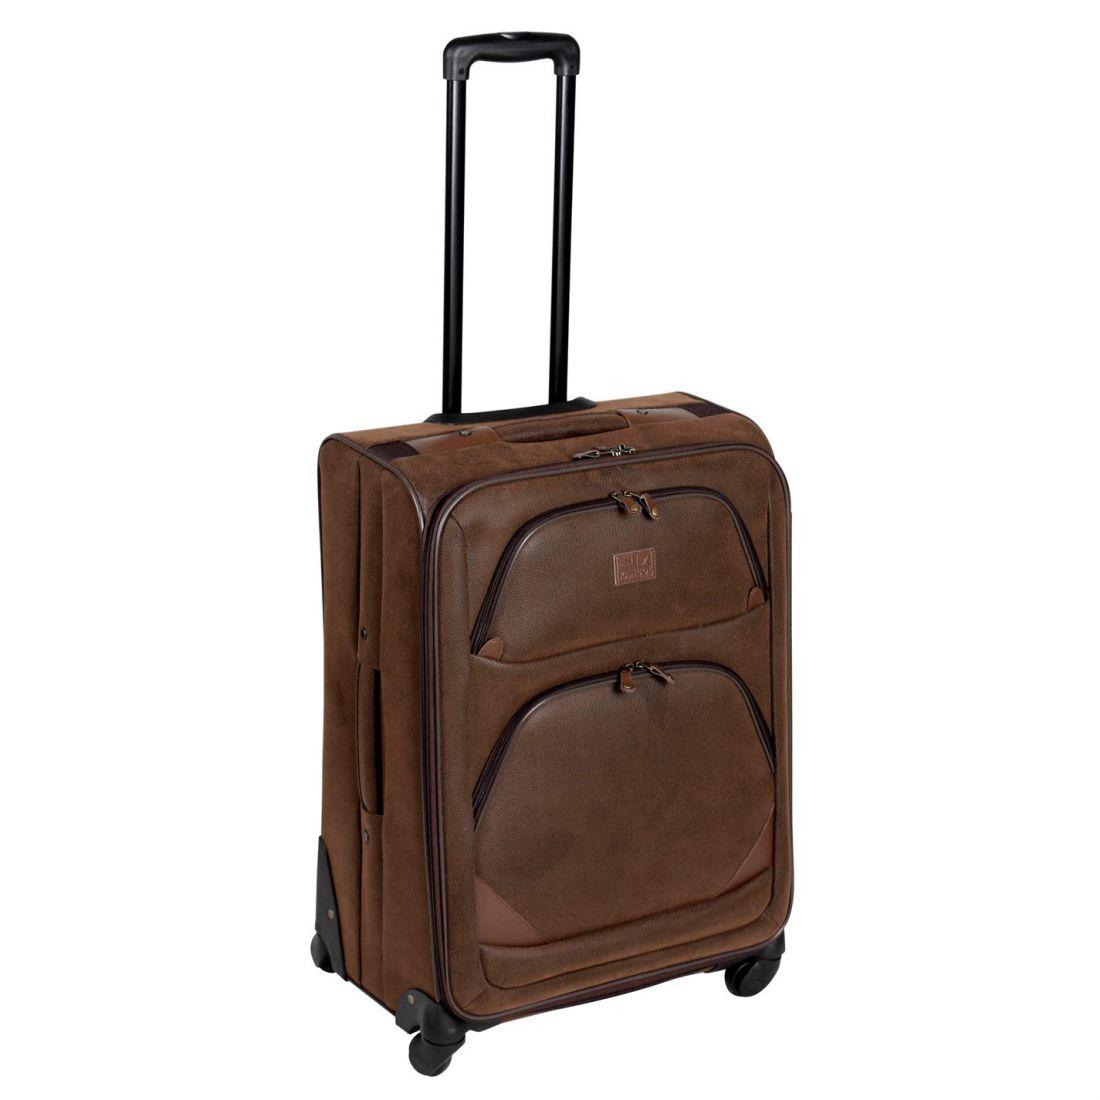 Image is loading Kangol-4-Wheel-Suitcase-Extending-Handle-Luggage-Travel- 6555f989c3